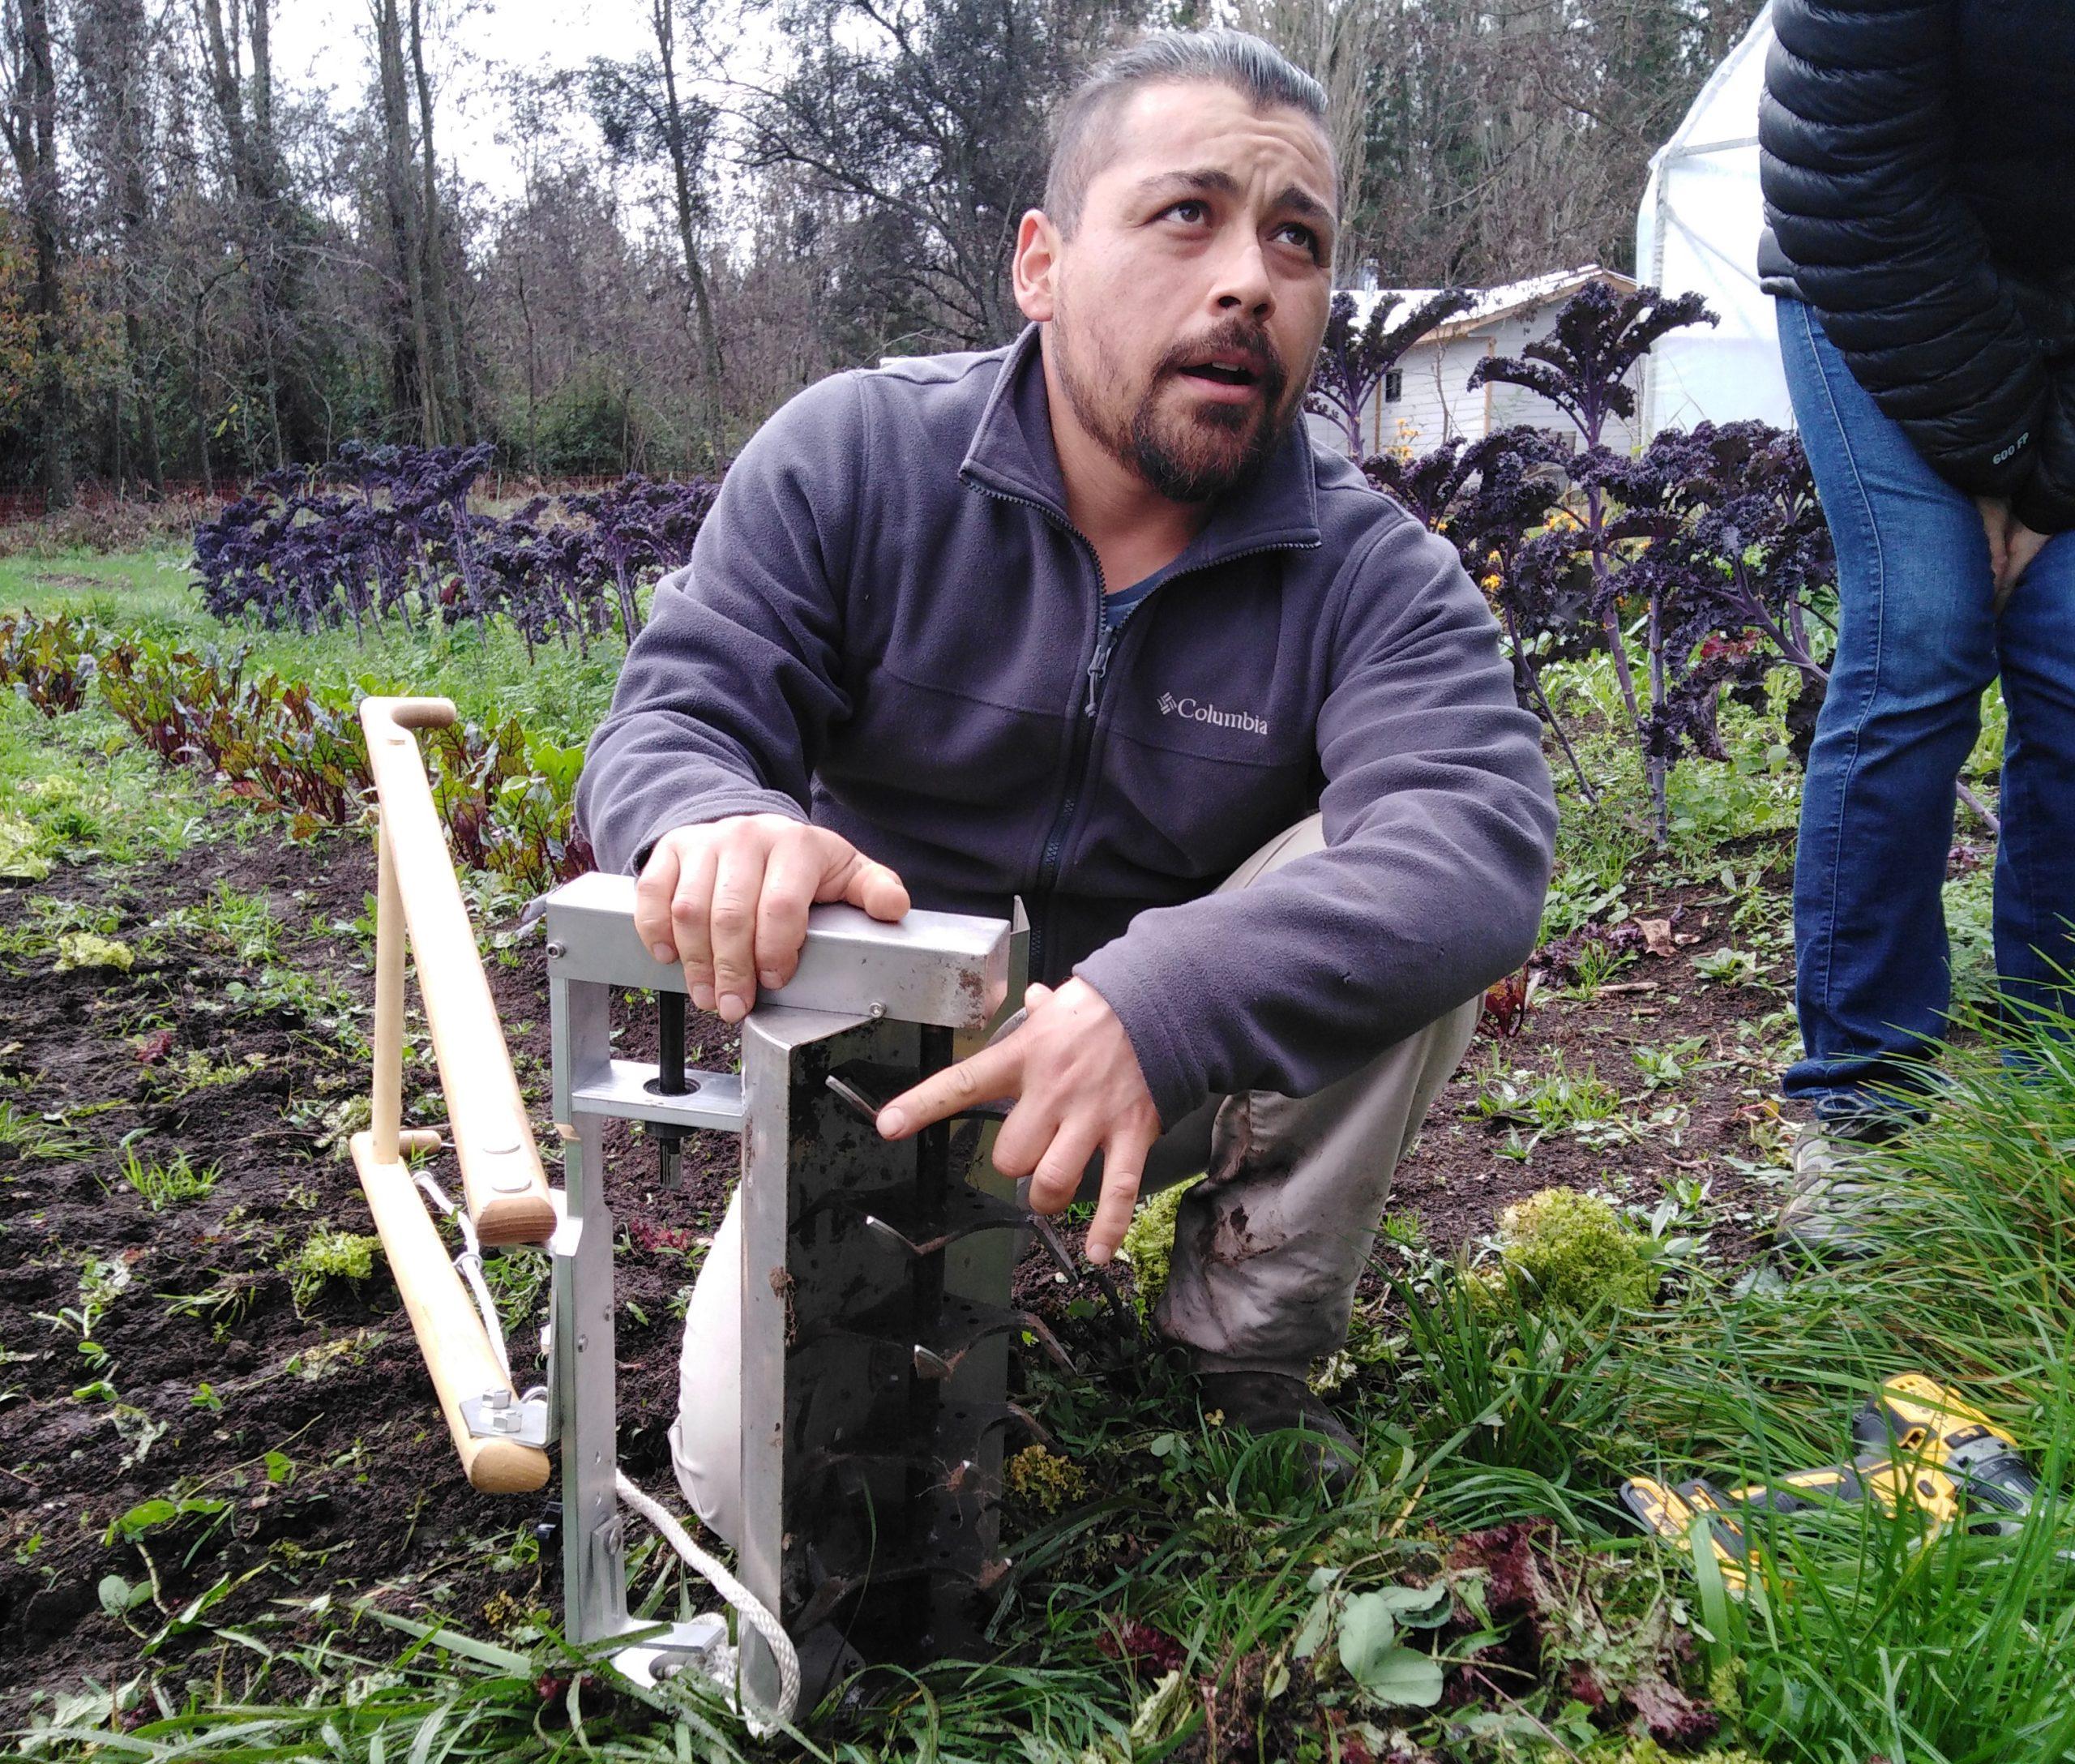 Micro-productor orgánico bio-intensivo Matías Lagos muestra una revolvedora superficial, herramienta que permite la incorporación eficiente de compost sin dañar la estructura del suelo